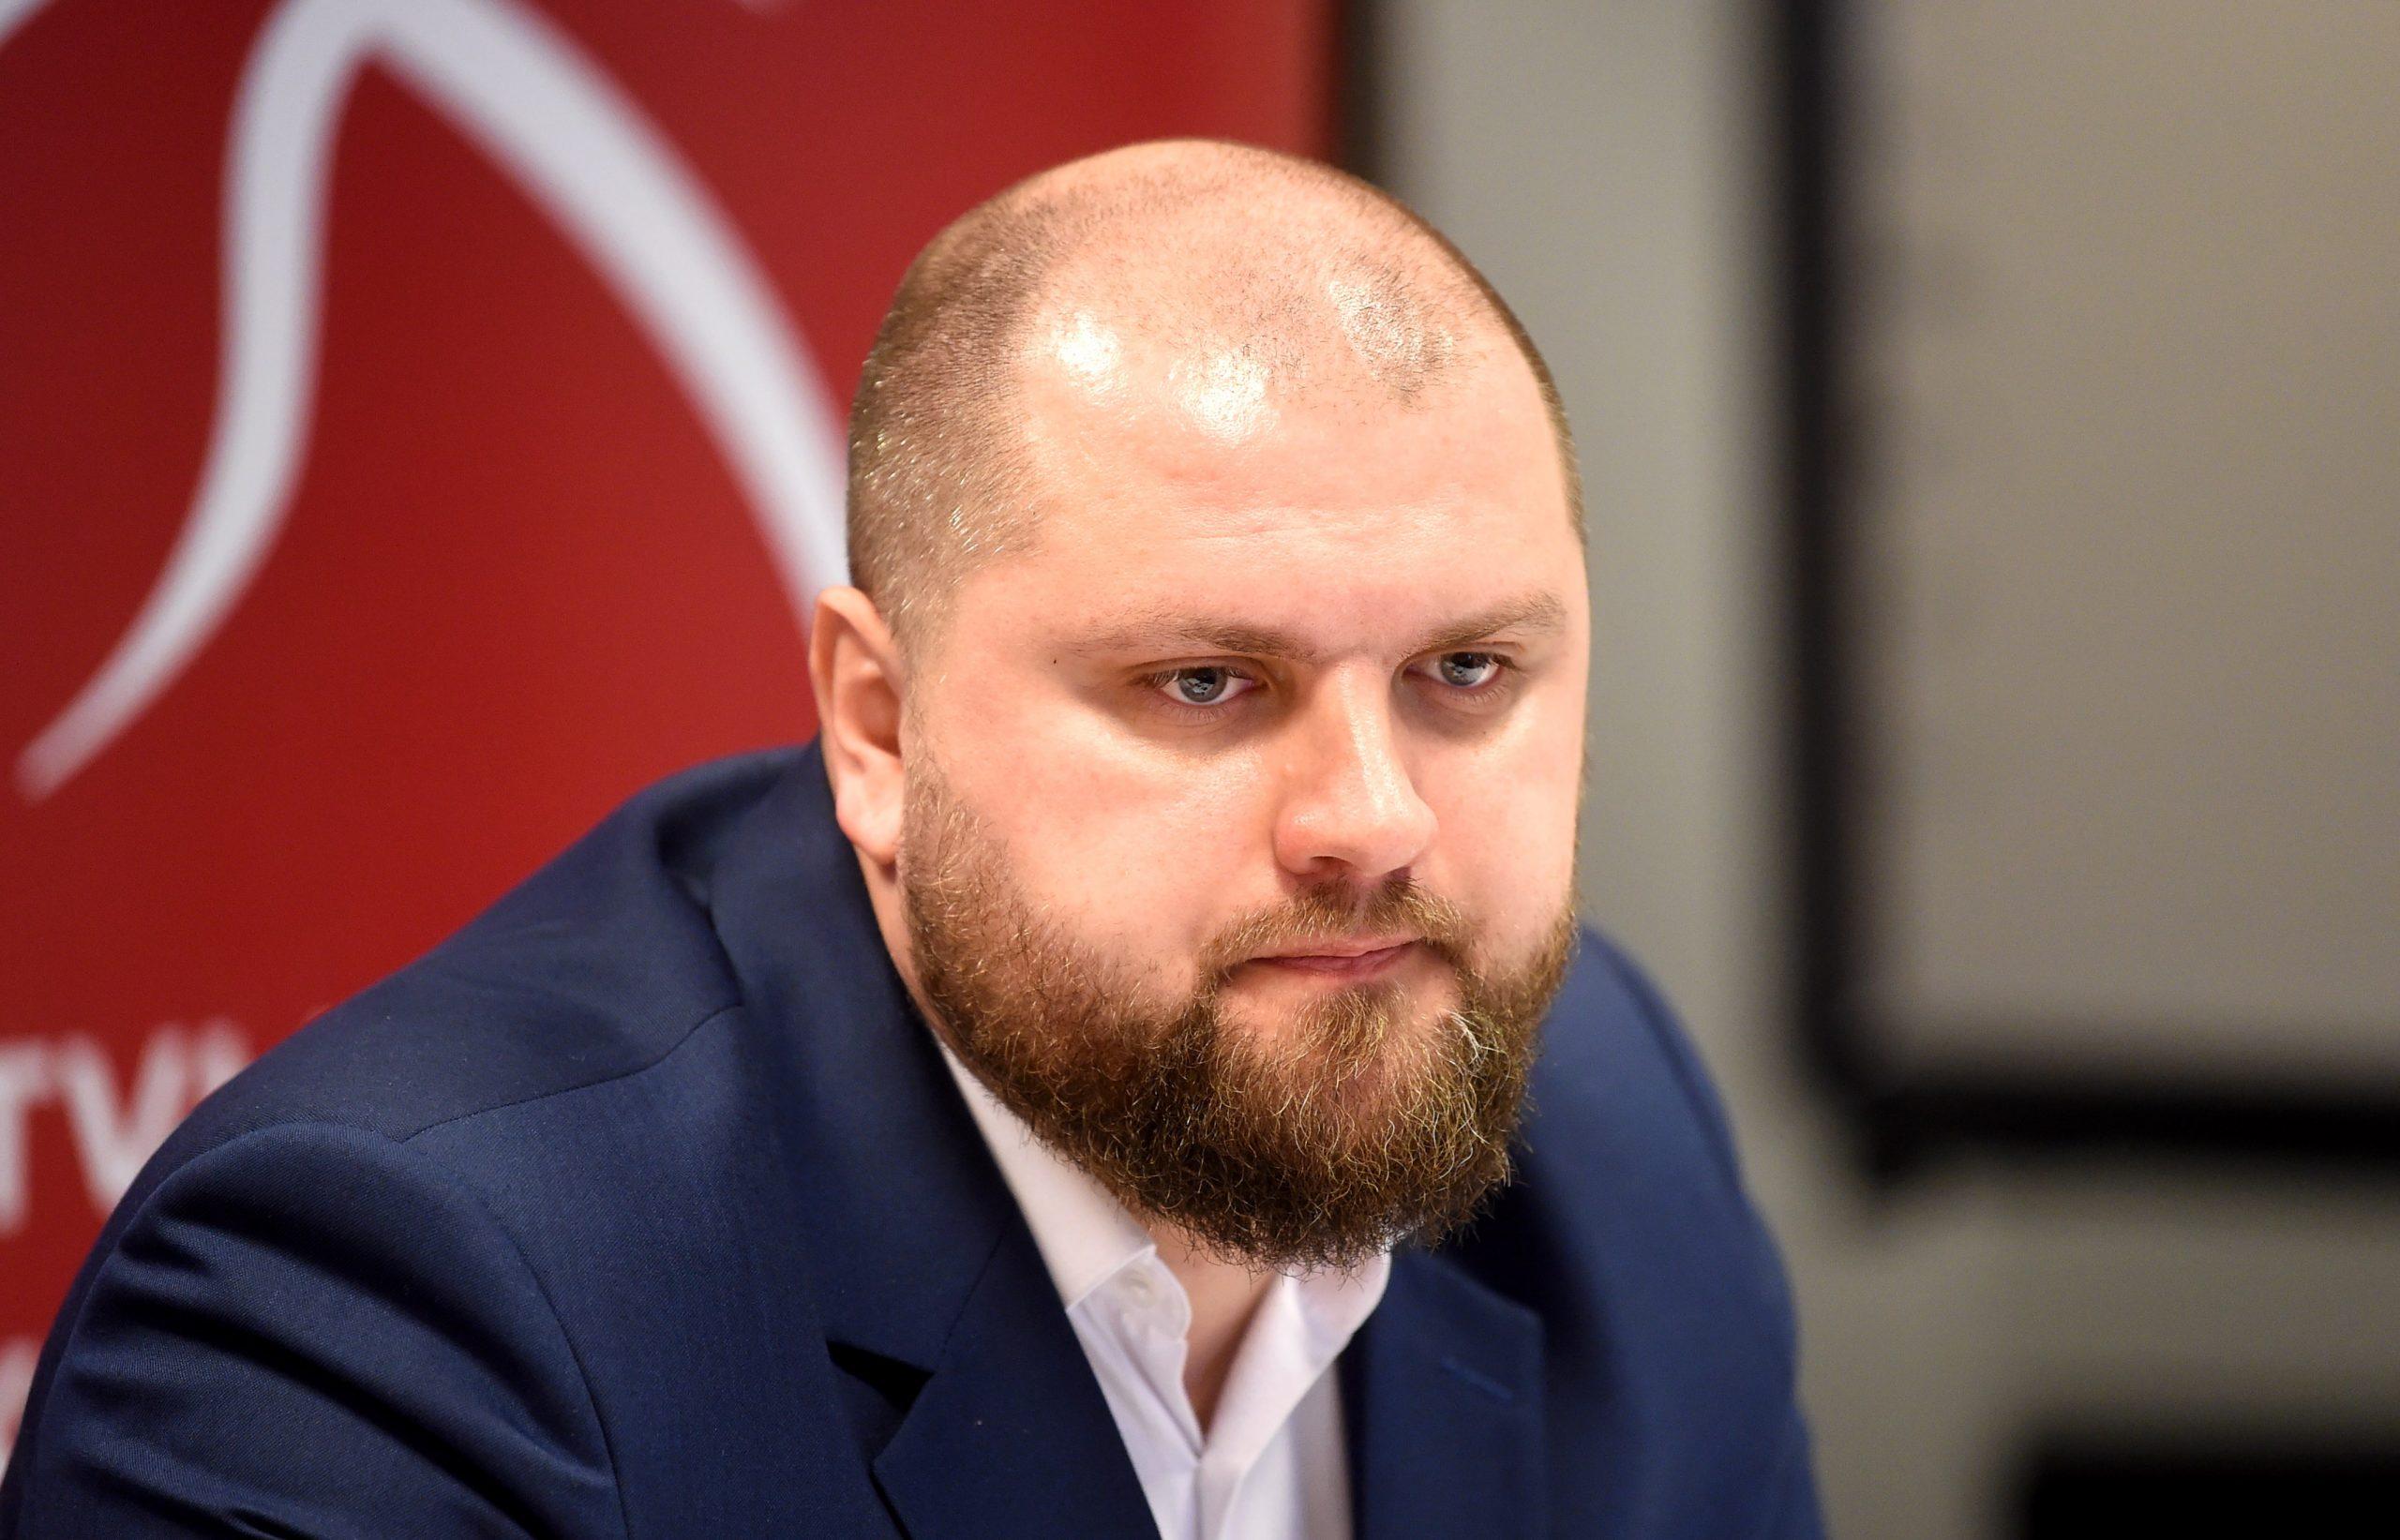 """Štālbergs: """"Ukraiņi teica, ka esmu traks, kad ar auto braucu atpakaļ uz Latviju"""" (1. daļa)"""